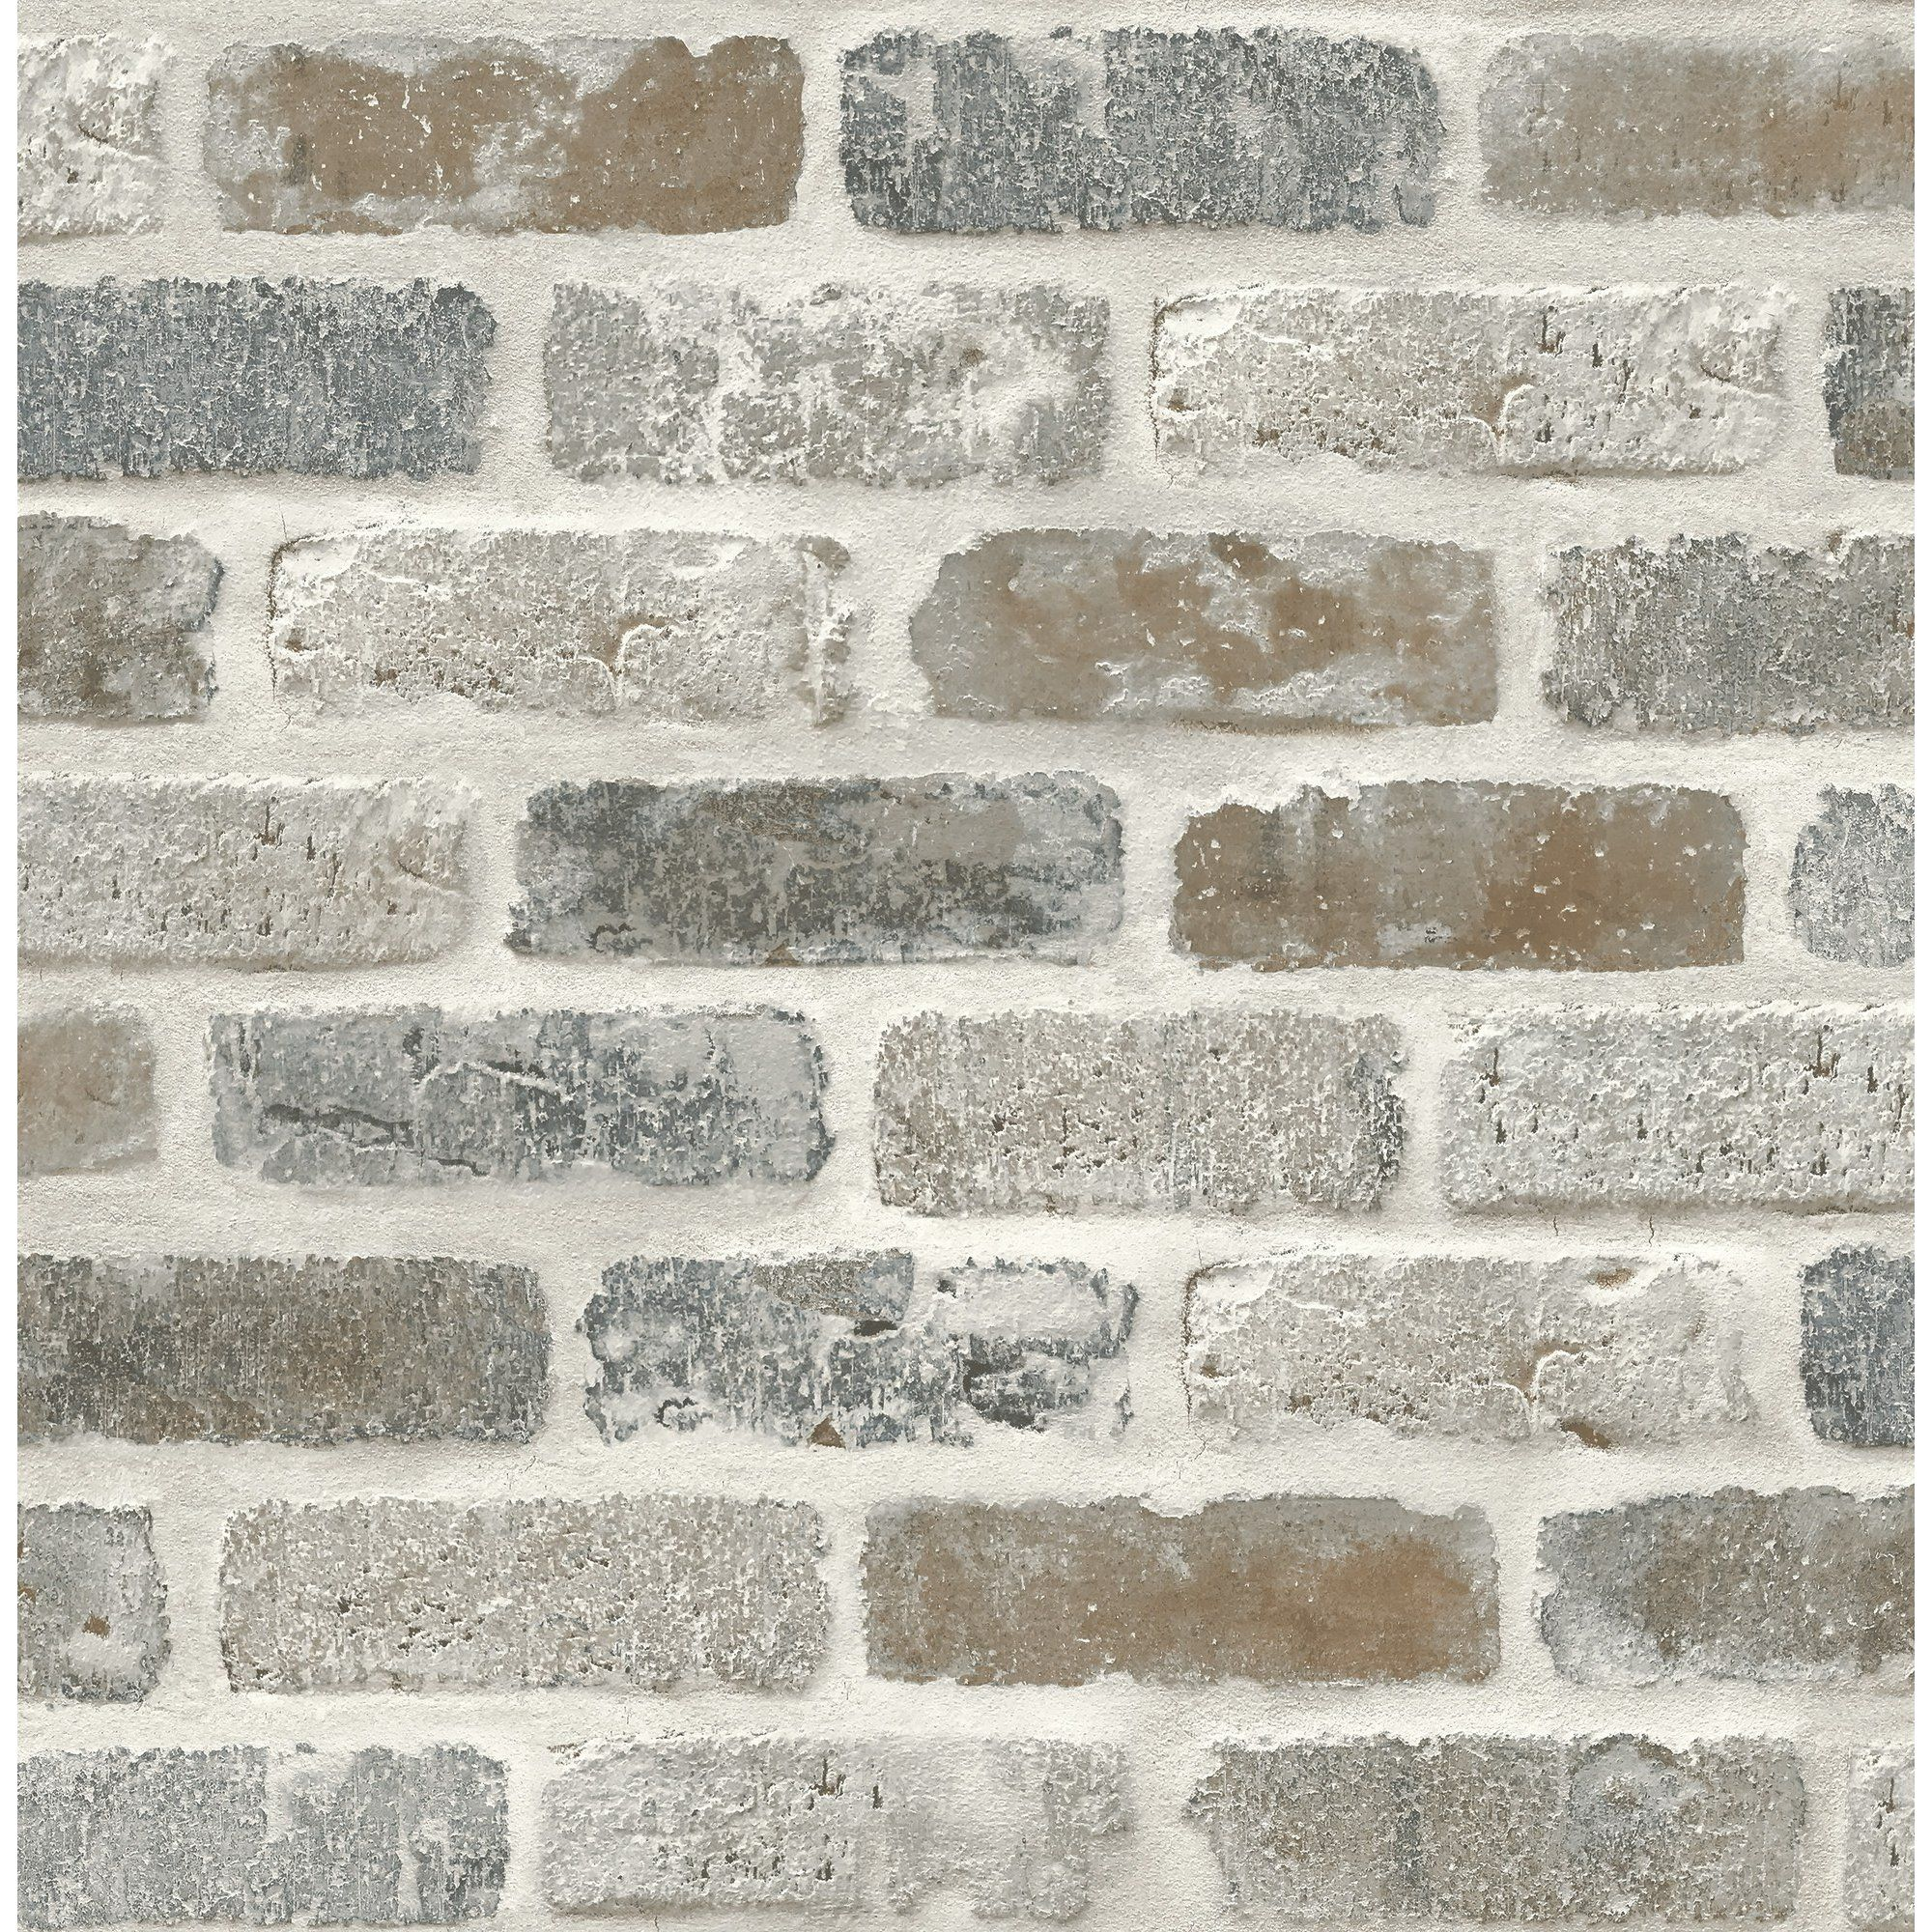 Washed Faux Brick Wallpaper Peel Stick Gw1003 White Gray Brown Walmart Com Faux Brick Wallpaper Faux Brick Walls Faux Brick